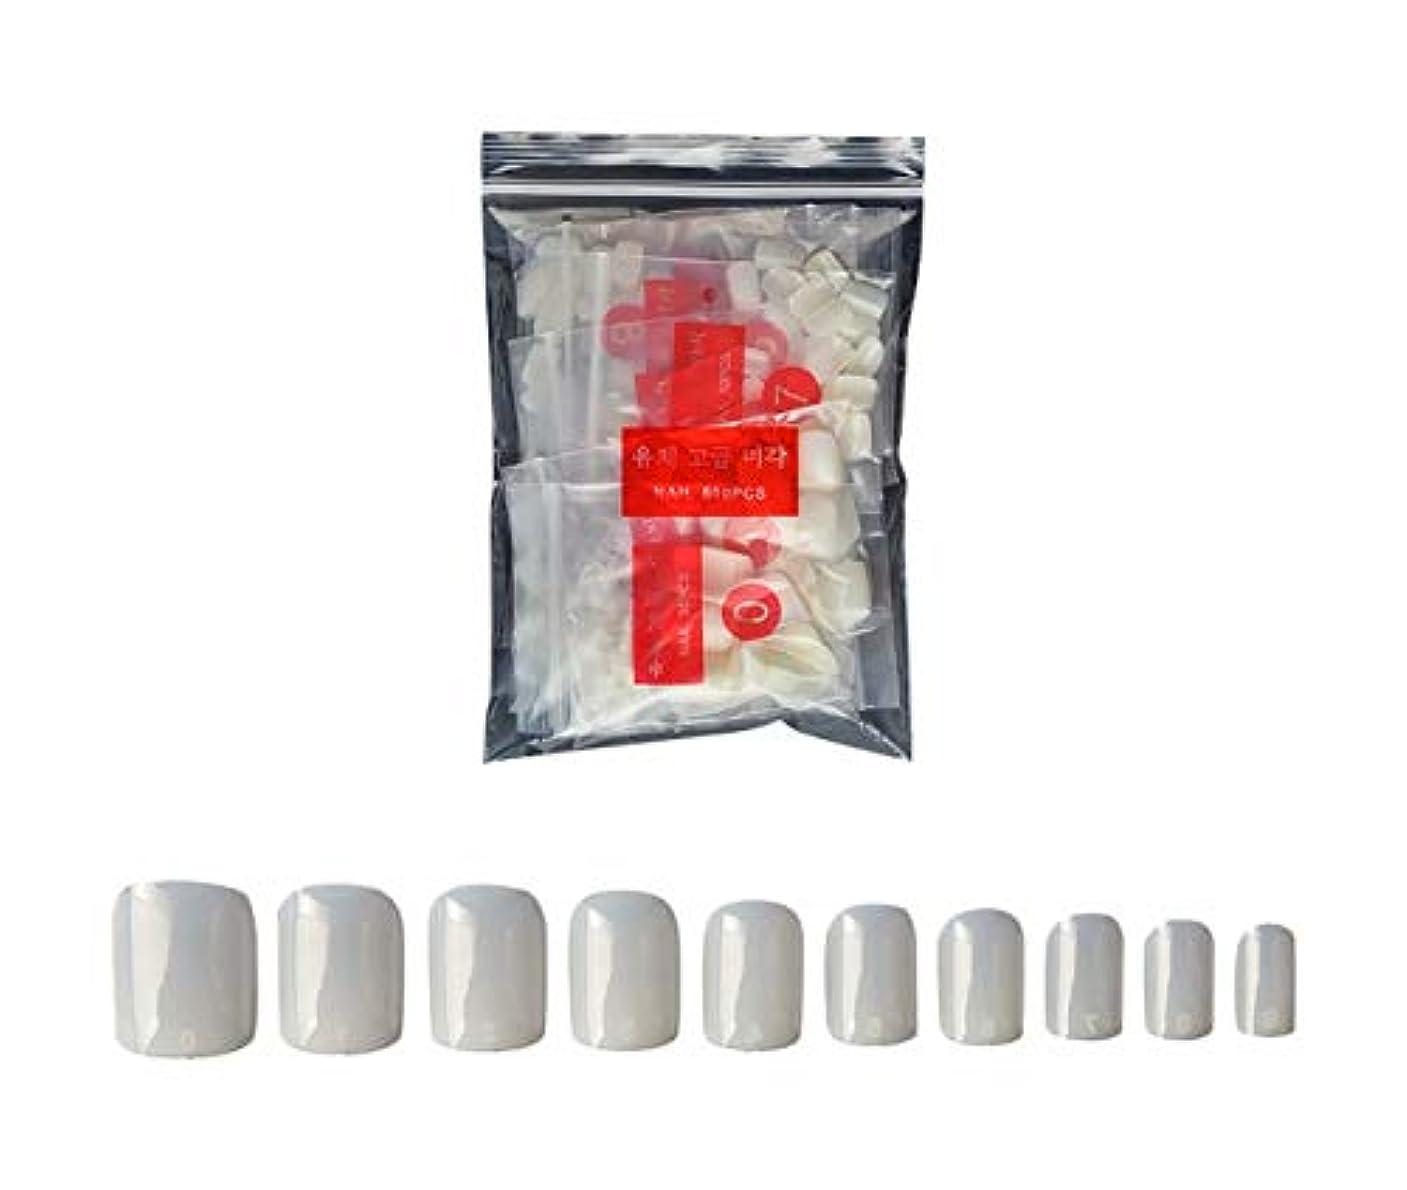 横たわるうまれた暗記するTianmey ナチュラルまあネイルのヒントハーフカバー偽の釘自宅でネイルサロンやDIYネイルアートのための10個のサイズを(ナチュラル) (Color : Natural)